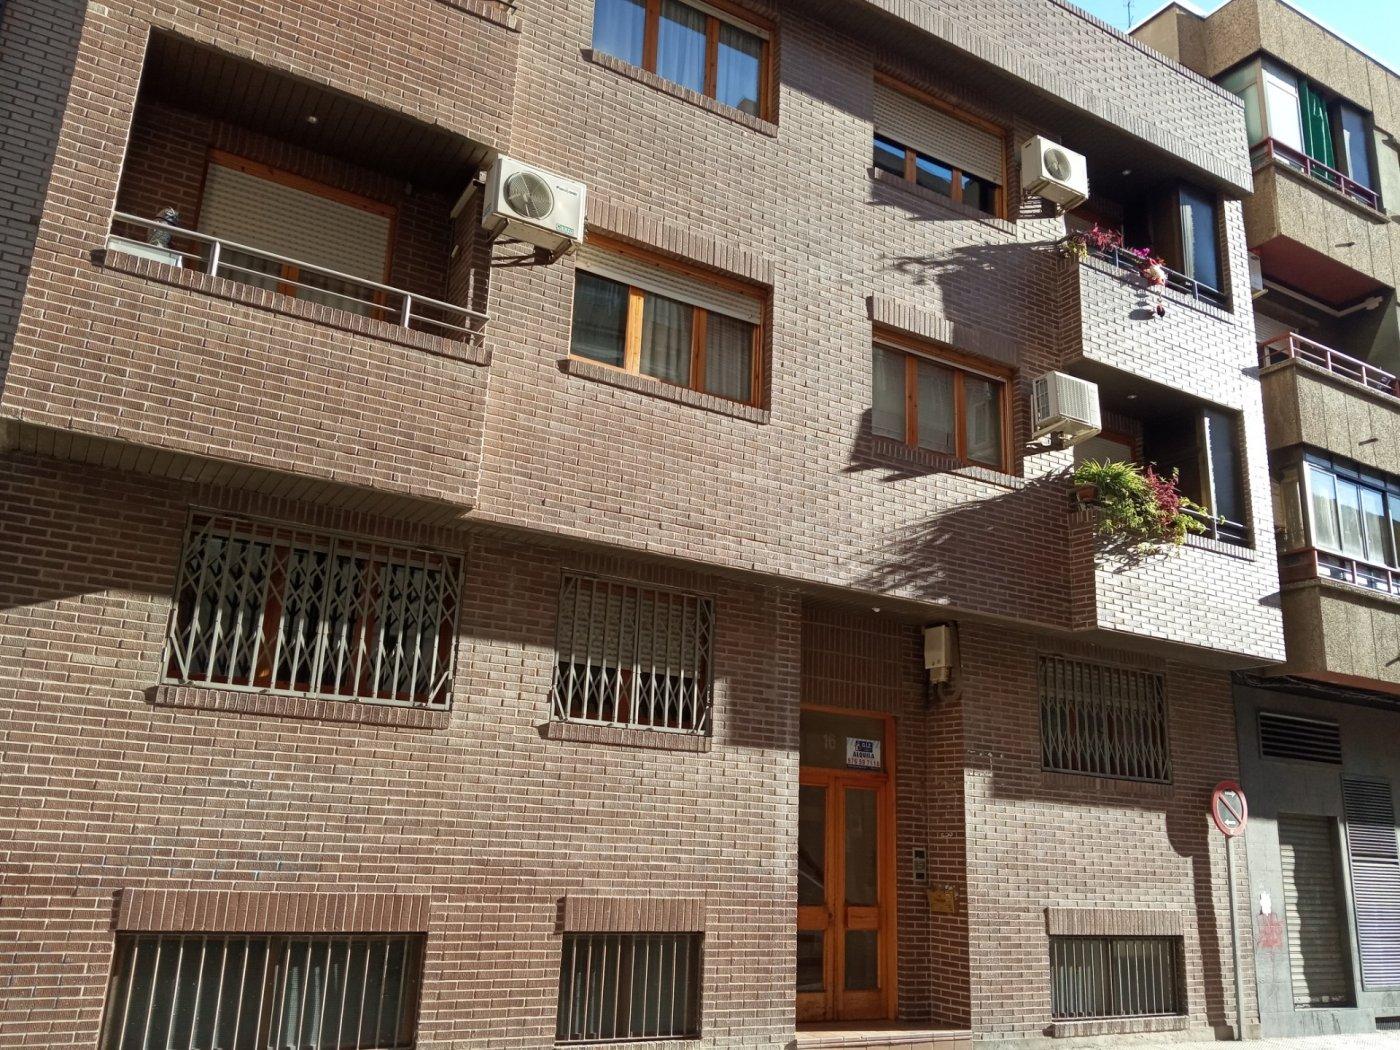 Local Comercial · Zaragoza · San Jose 450€ MES€